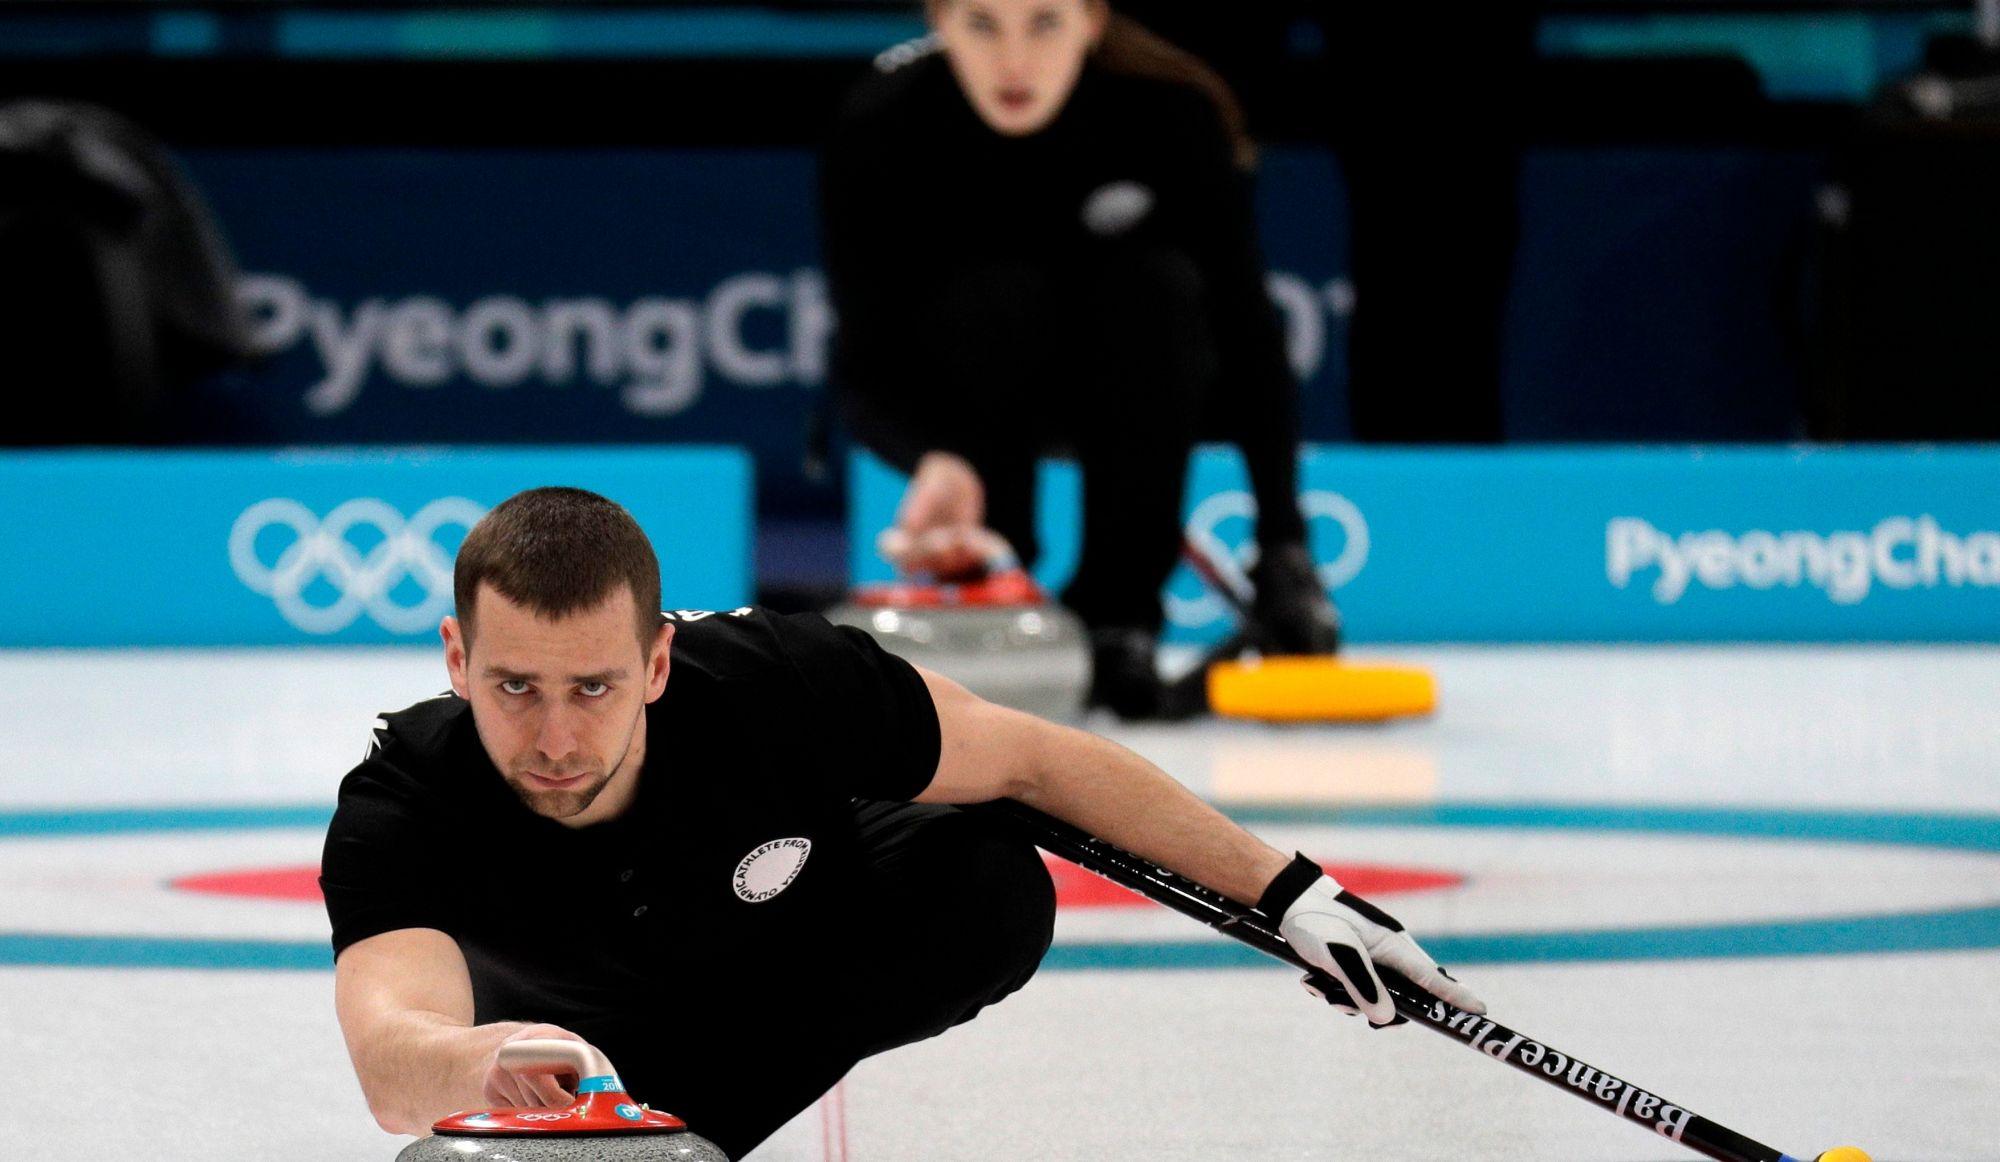 Le nouveau cas de dopage pourrait nuire aux chances de la Russie d'être réintégrée